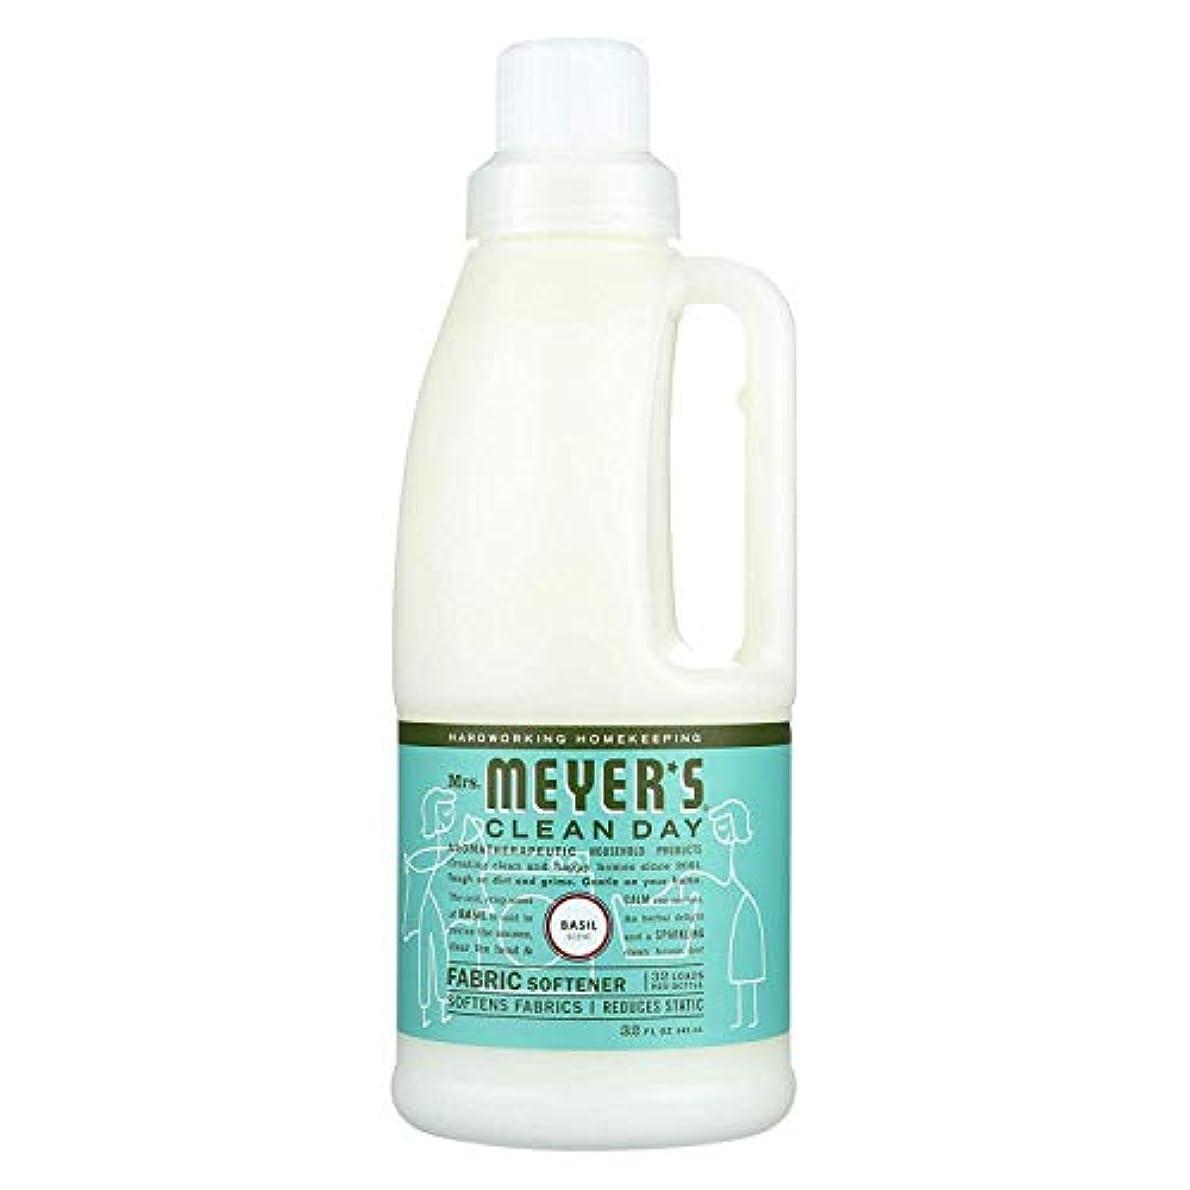 静脈庭園会社Mrs. Meyers SCジョンソンワックス14334液体柔軟仕上げ剤、バジル、32オンス - 数量6